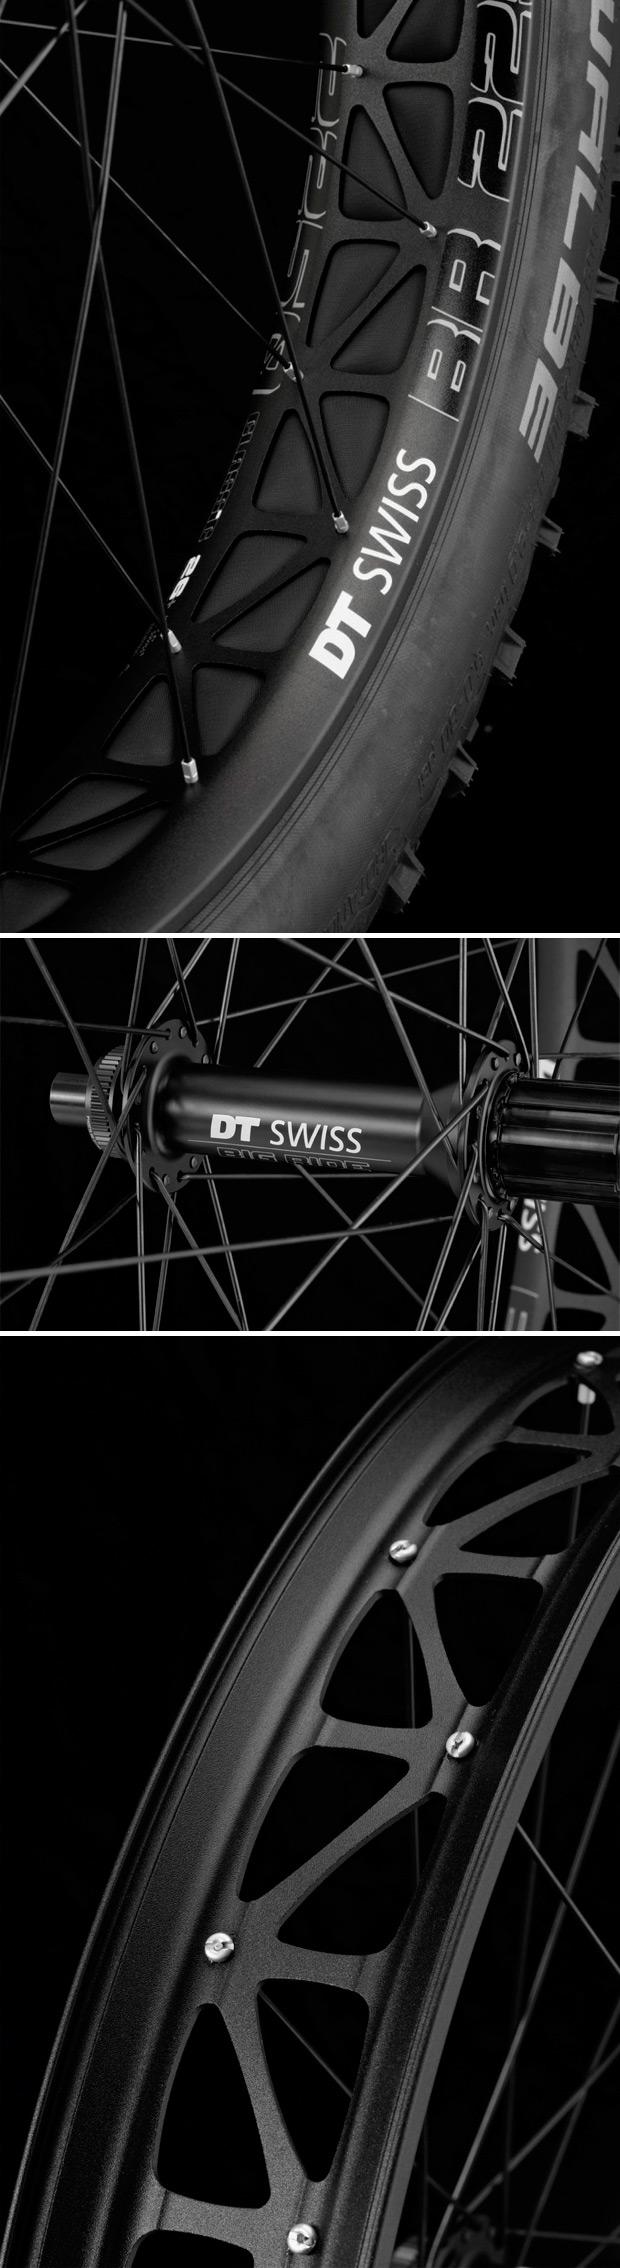 DT Swiss Big Ride 2250 Classic, las nuevas ruedas para 'Fat Bikes' de la firma suiza